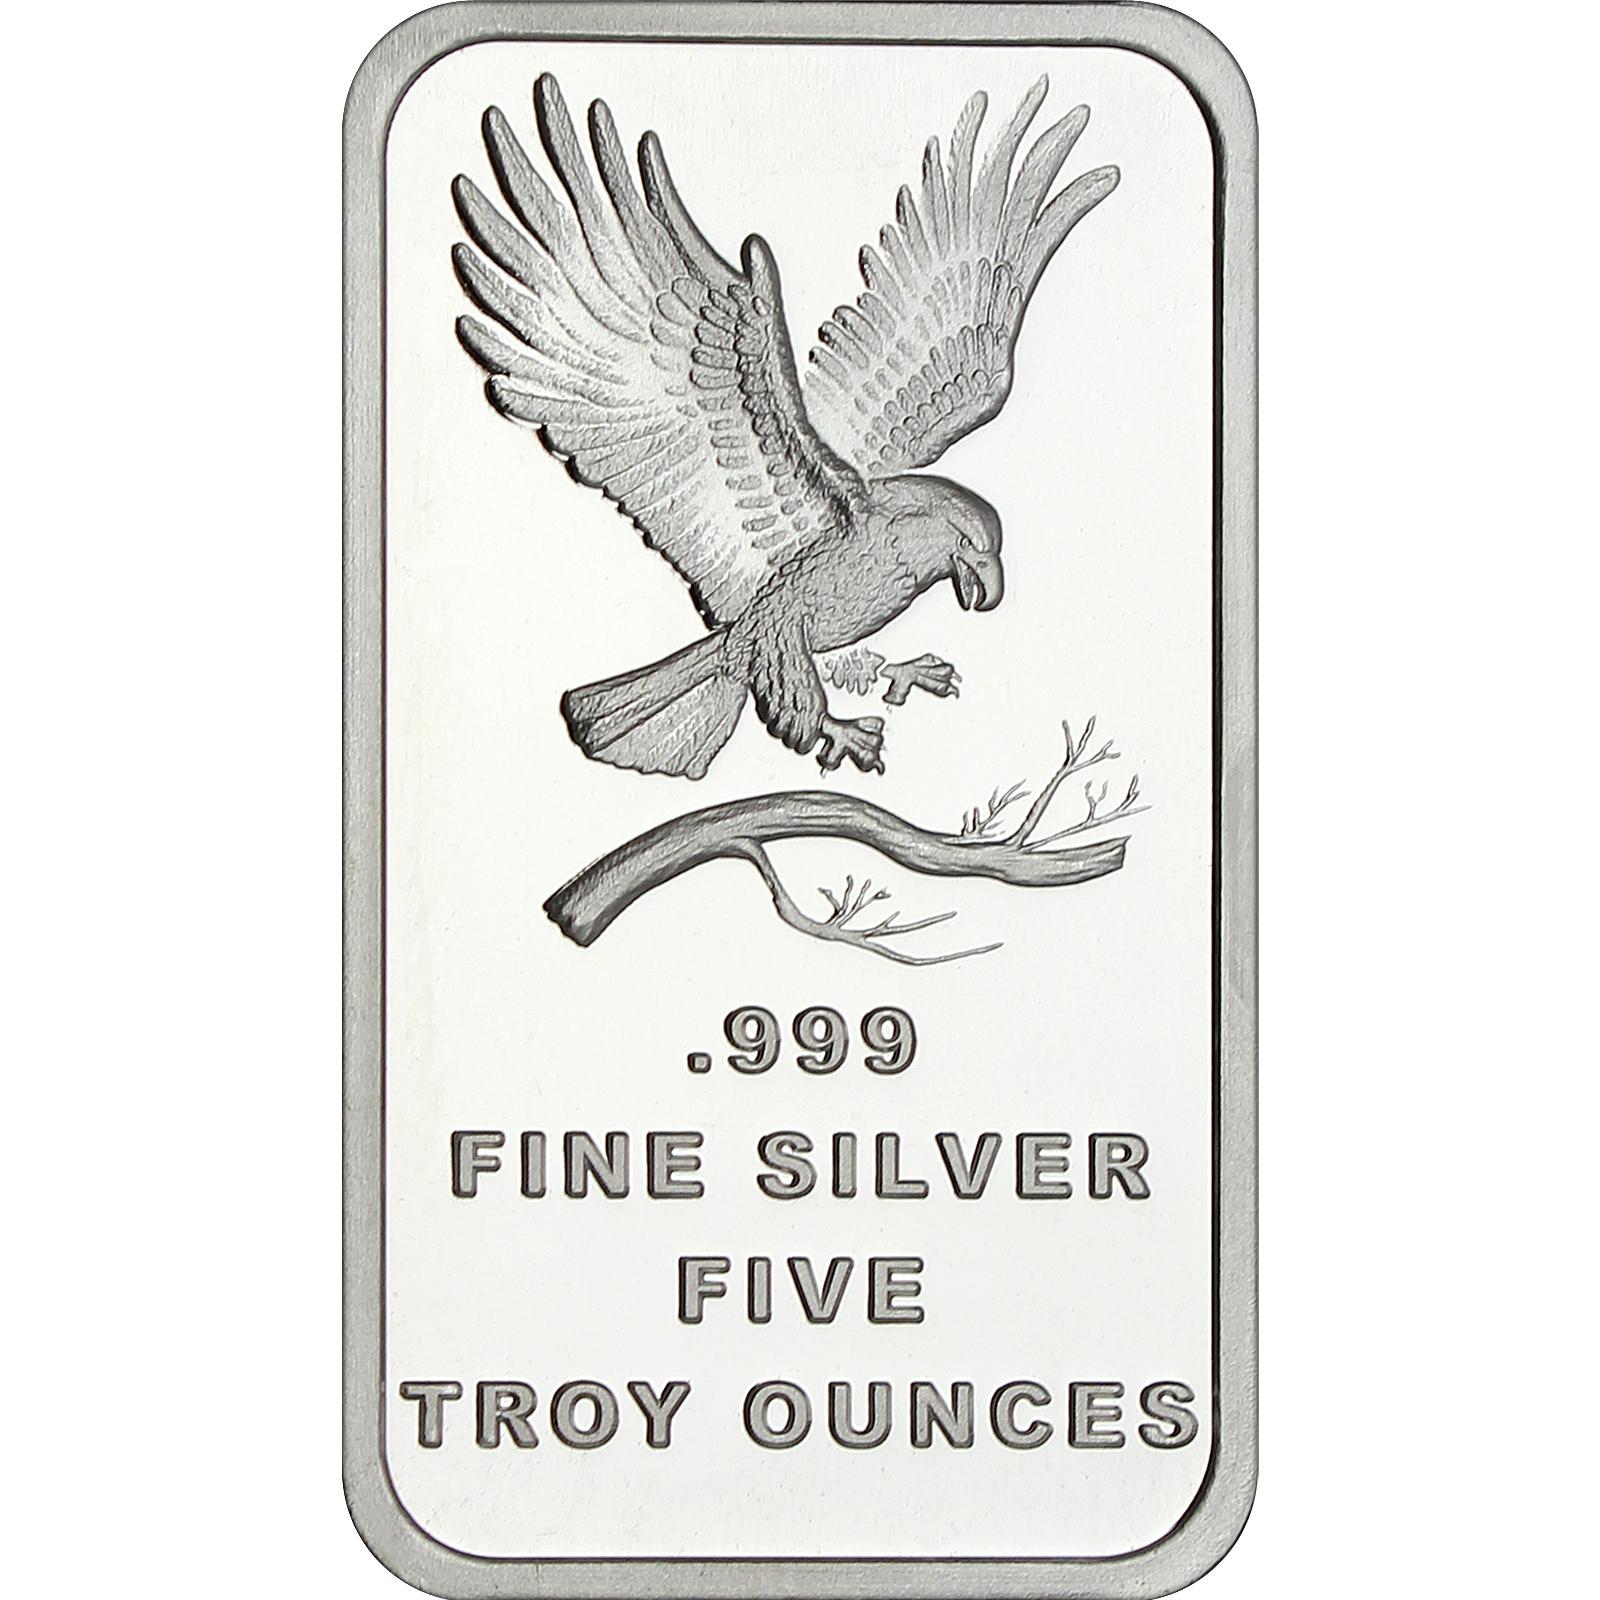 Trademark Bald Eagle 5oz 999 Fine Silver Bars By